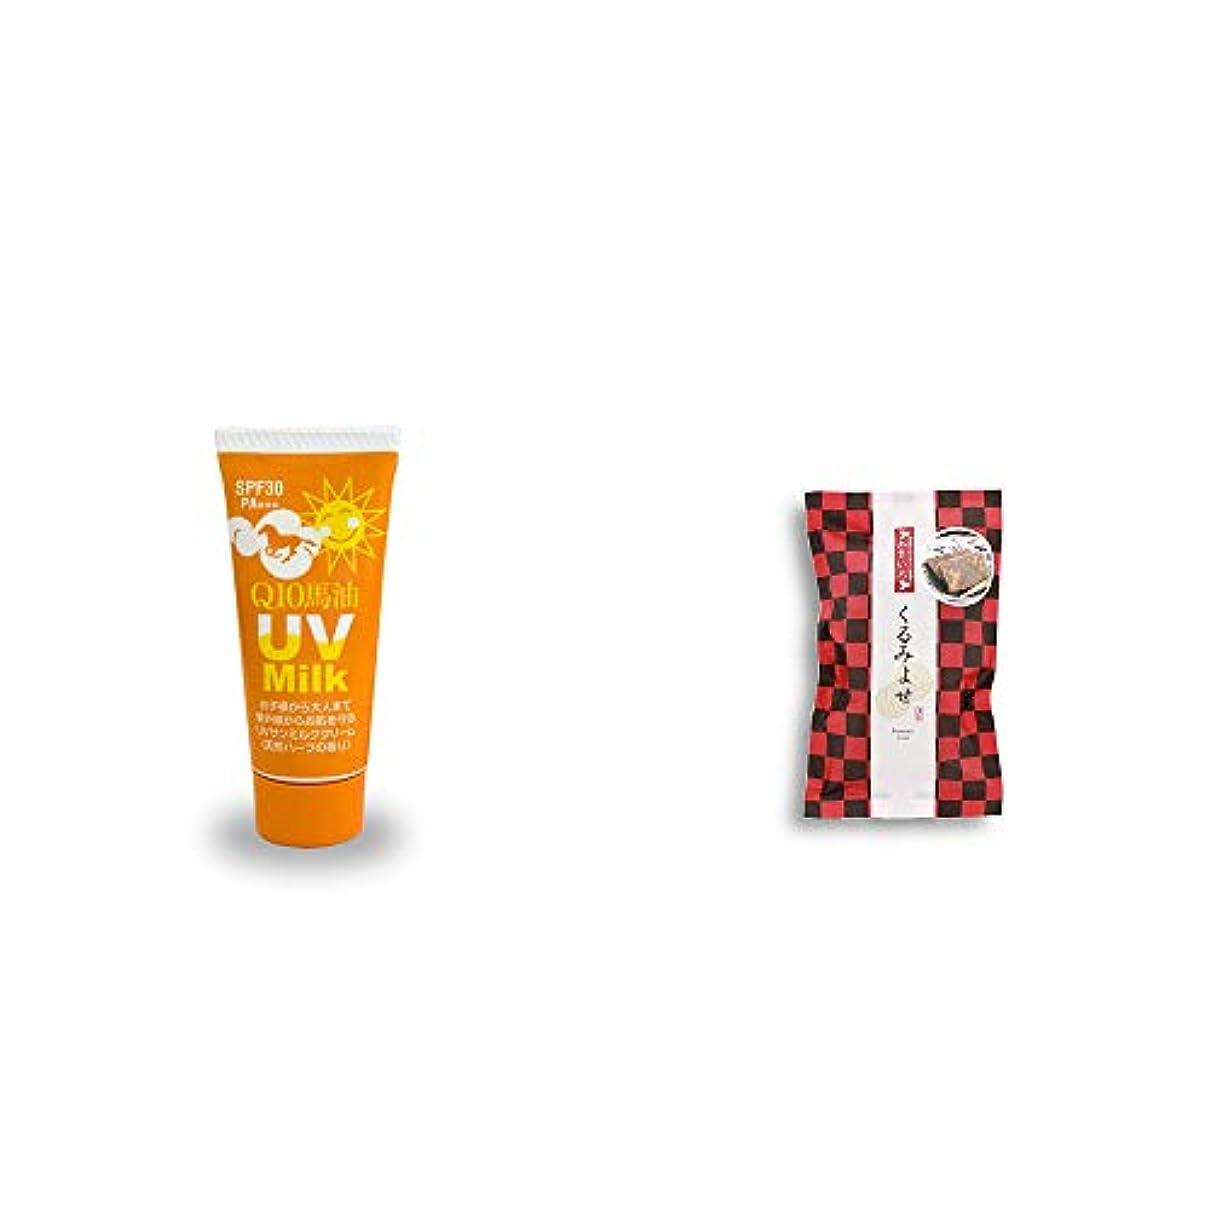 シガレット前売ジョイント[2点セット] 炭黒泉 Q10馬油 UVサンミルク[天然ハーブ](40g)?くるみよせ(こし餡)(5個入)